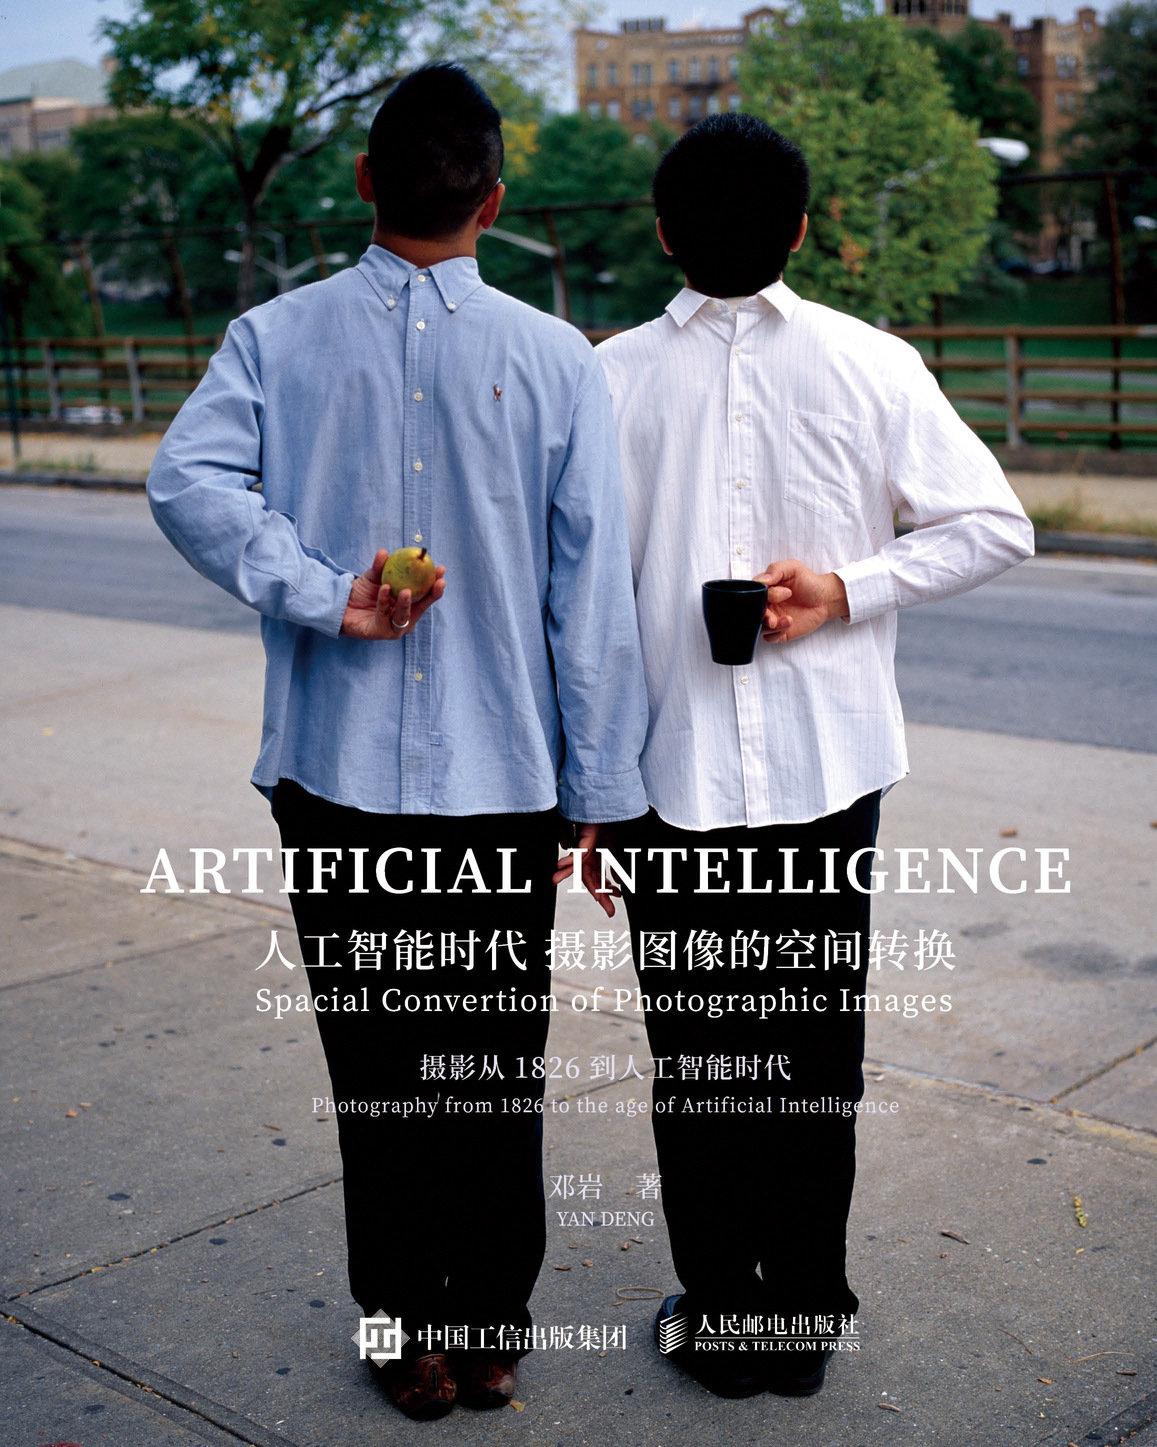 人工智能時代攝影圖像的空間轉換 攝影從1826到人工智能時代-preview-1